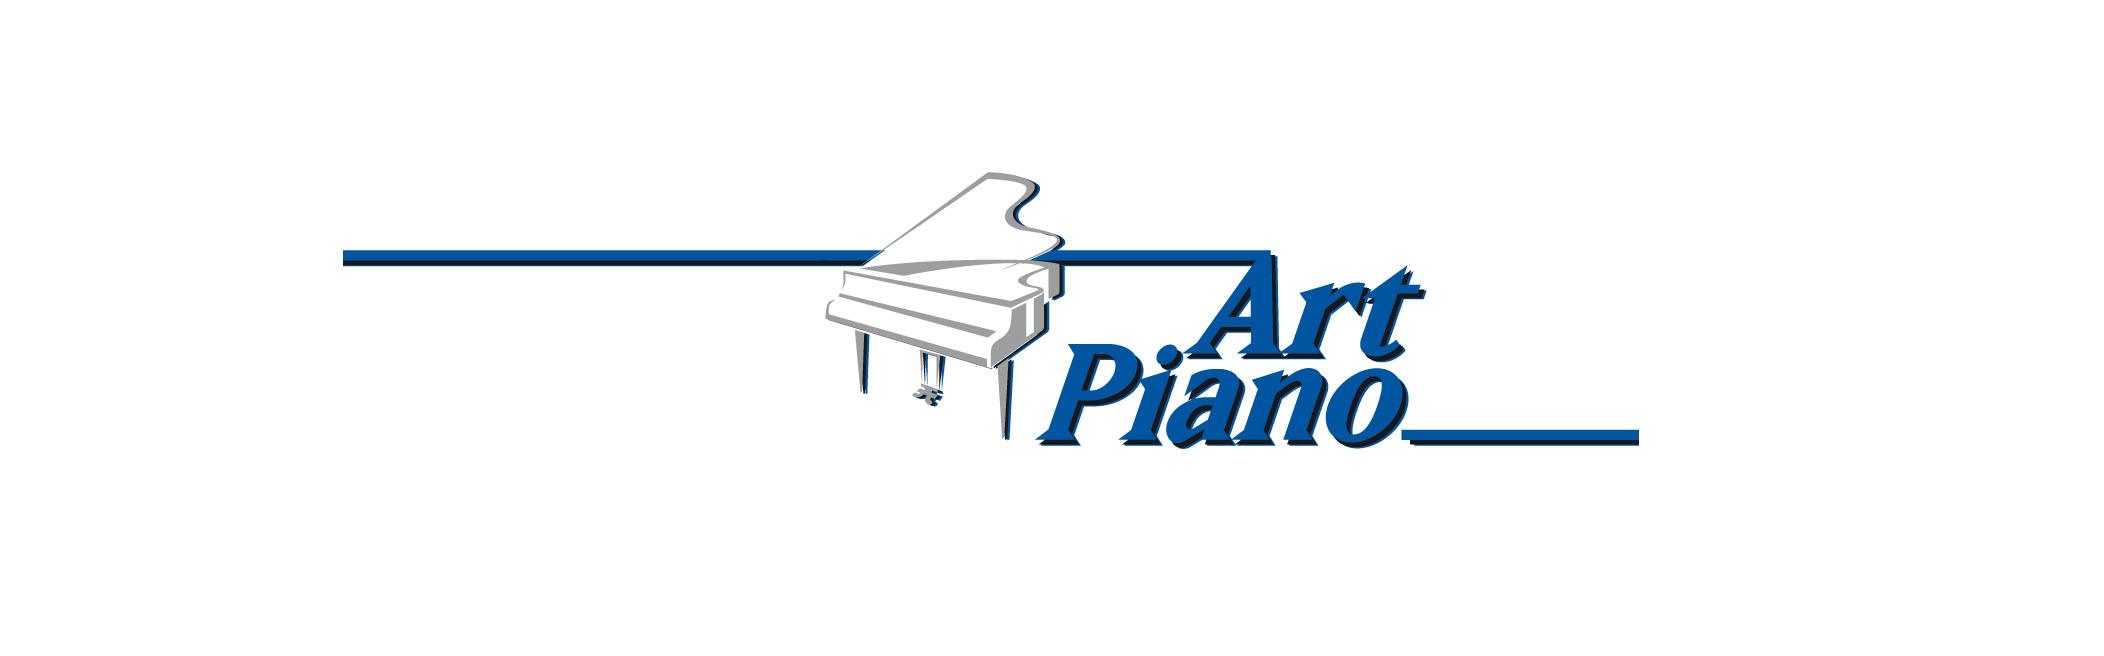 ART PIANO store